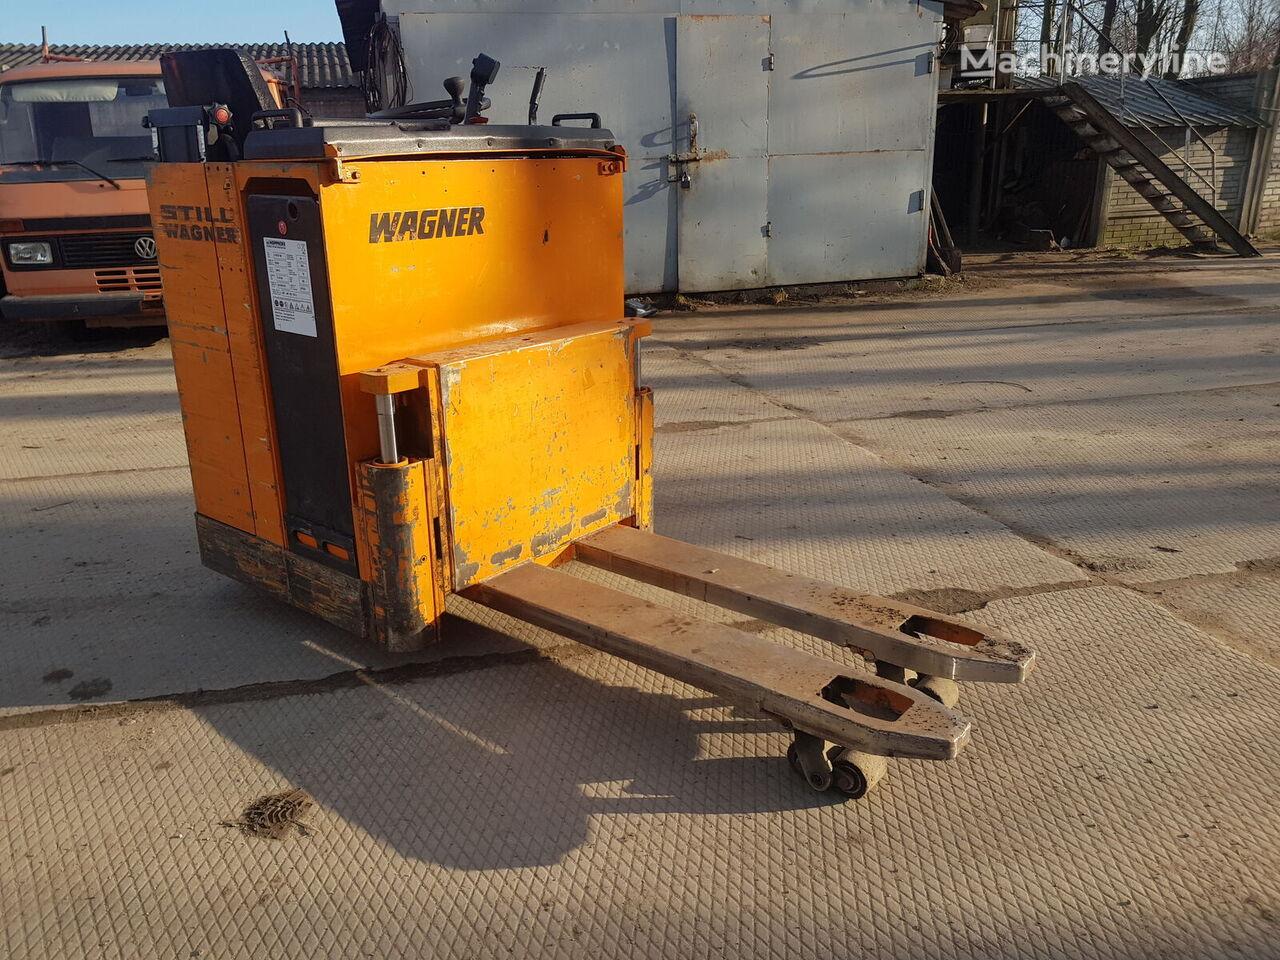 رافعة البليت الكهربائية STILL Wagner EFU2000/4